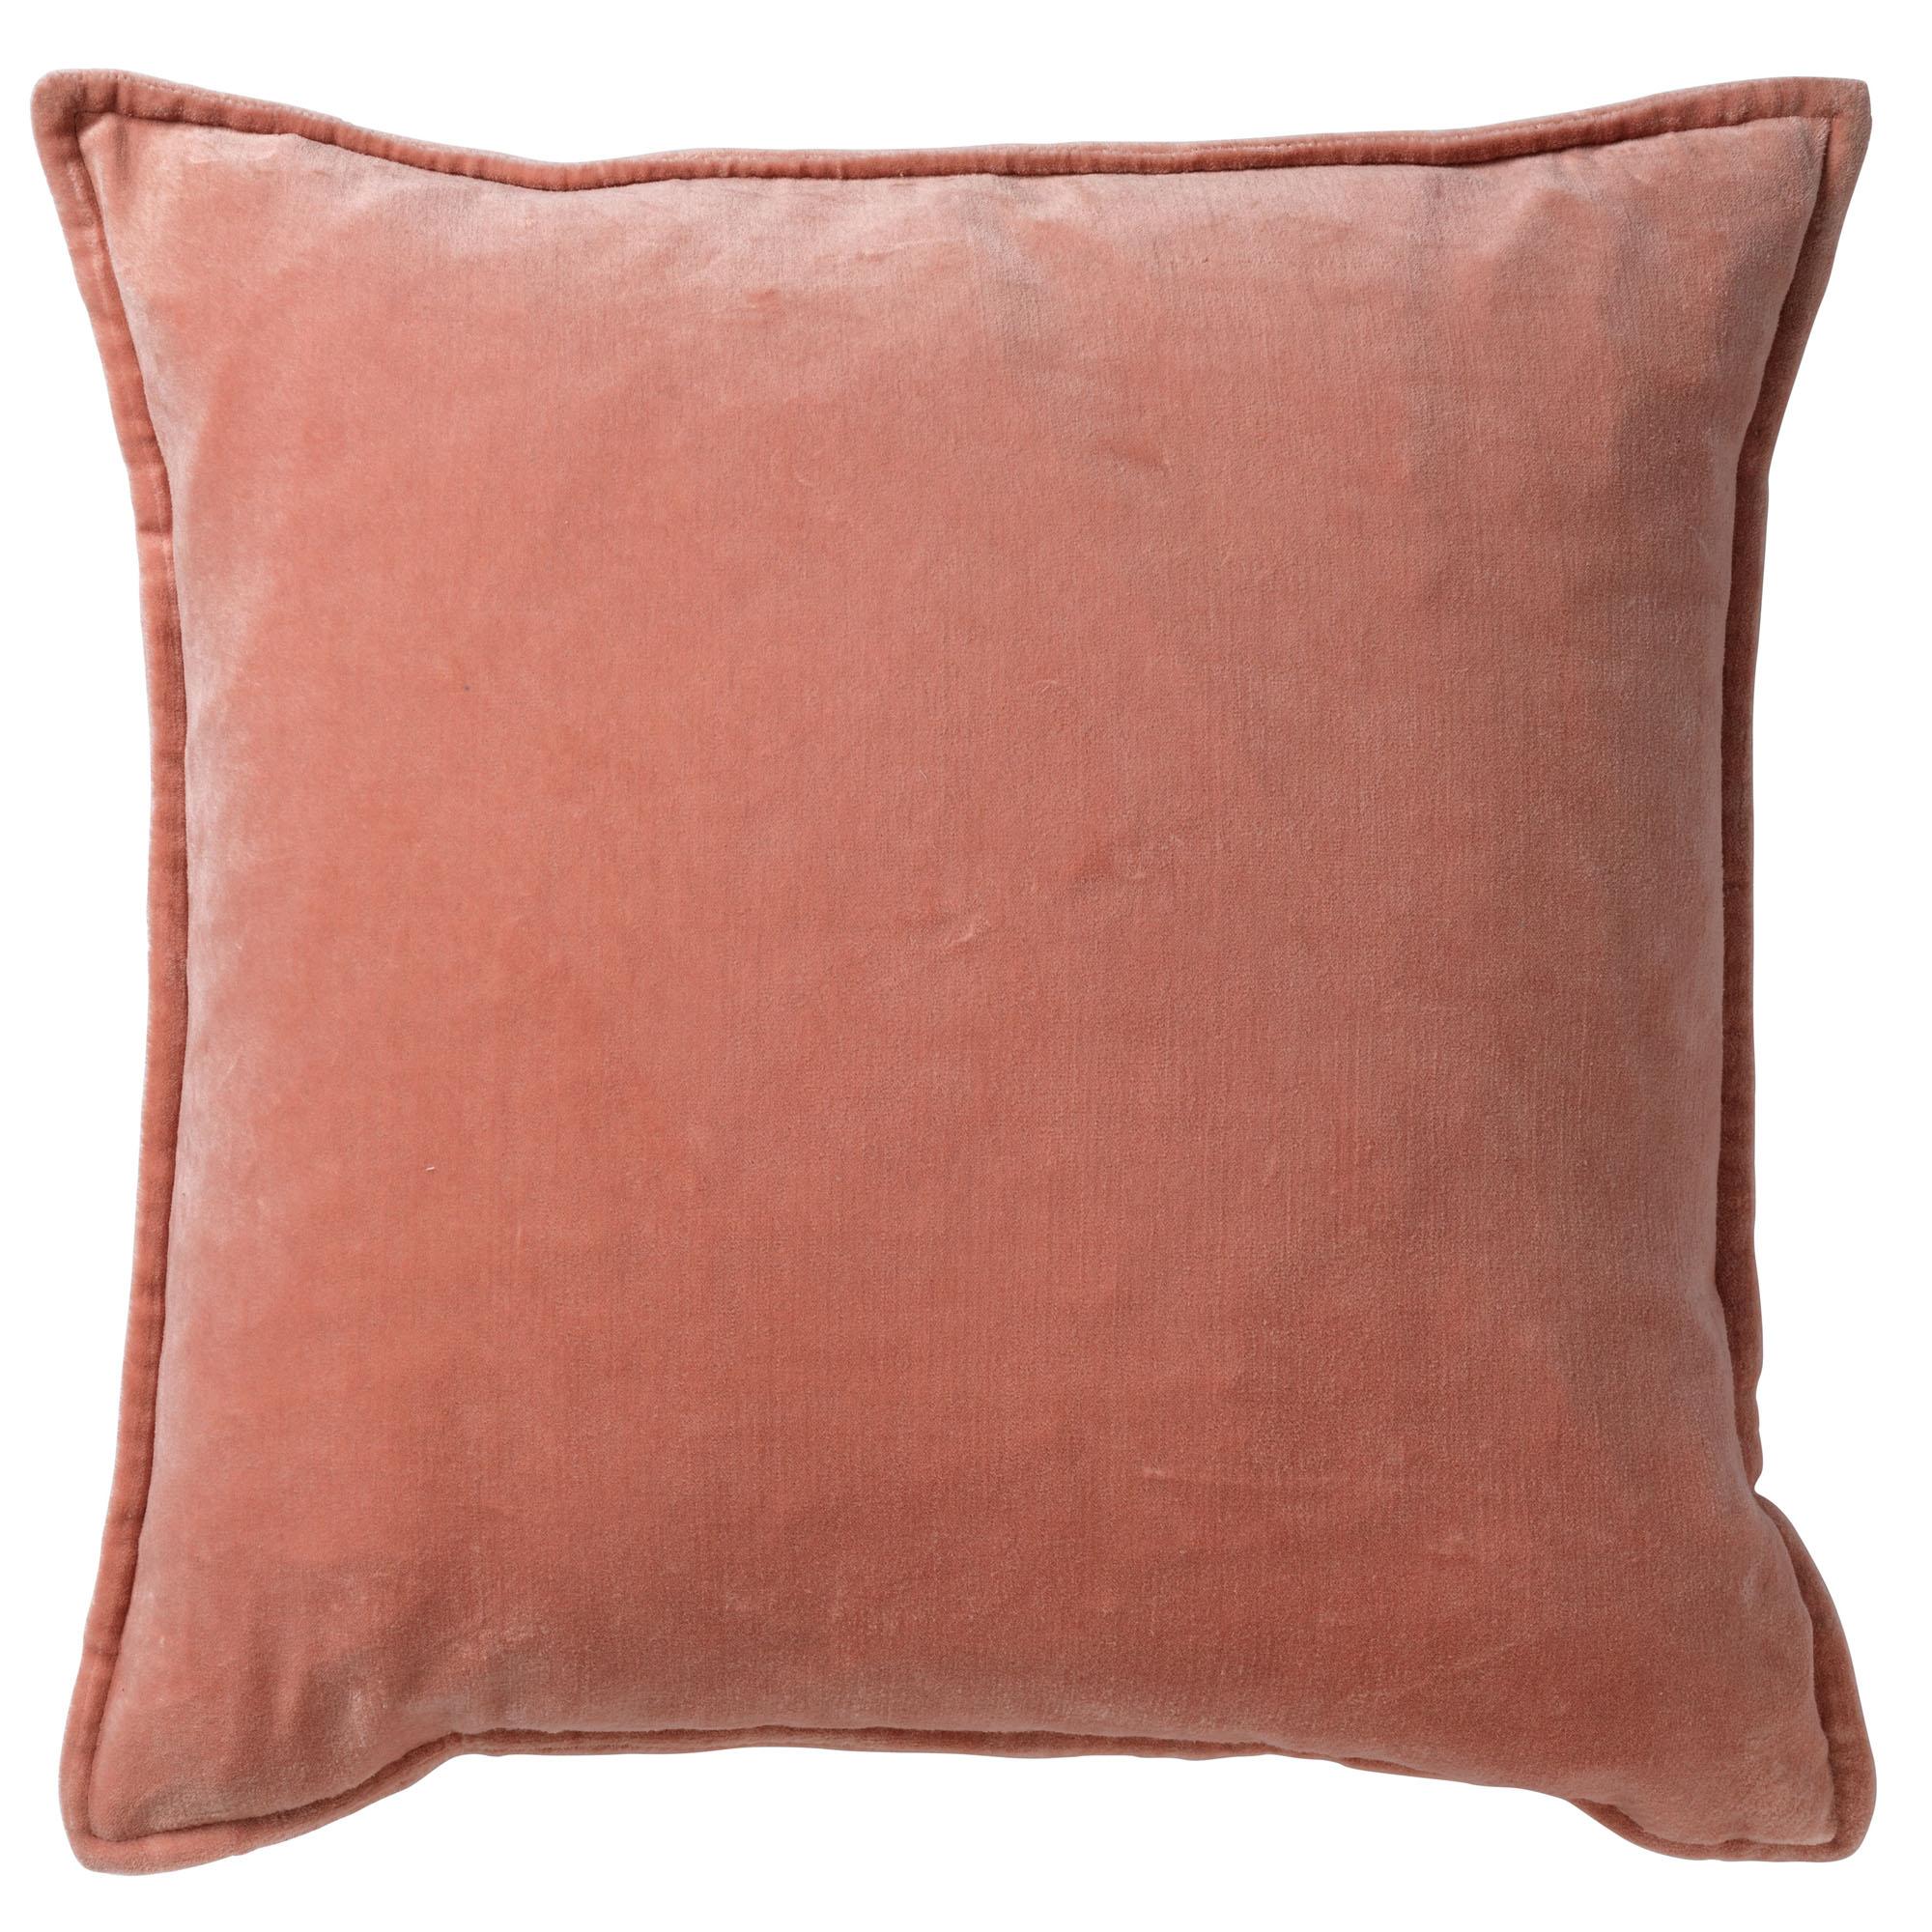 CAITH - Sierkussen velvet Muted Clay 50x50 cm